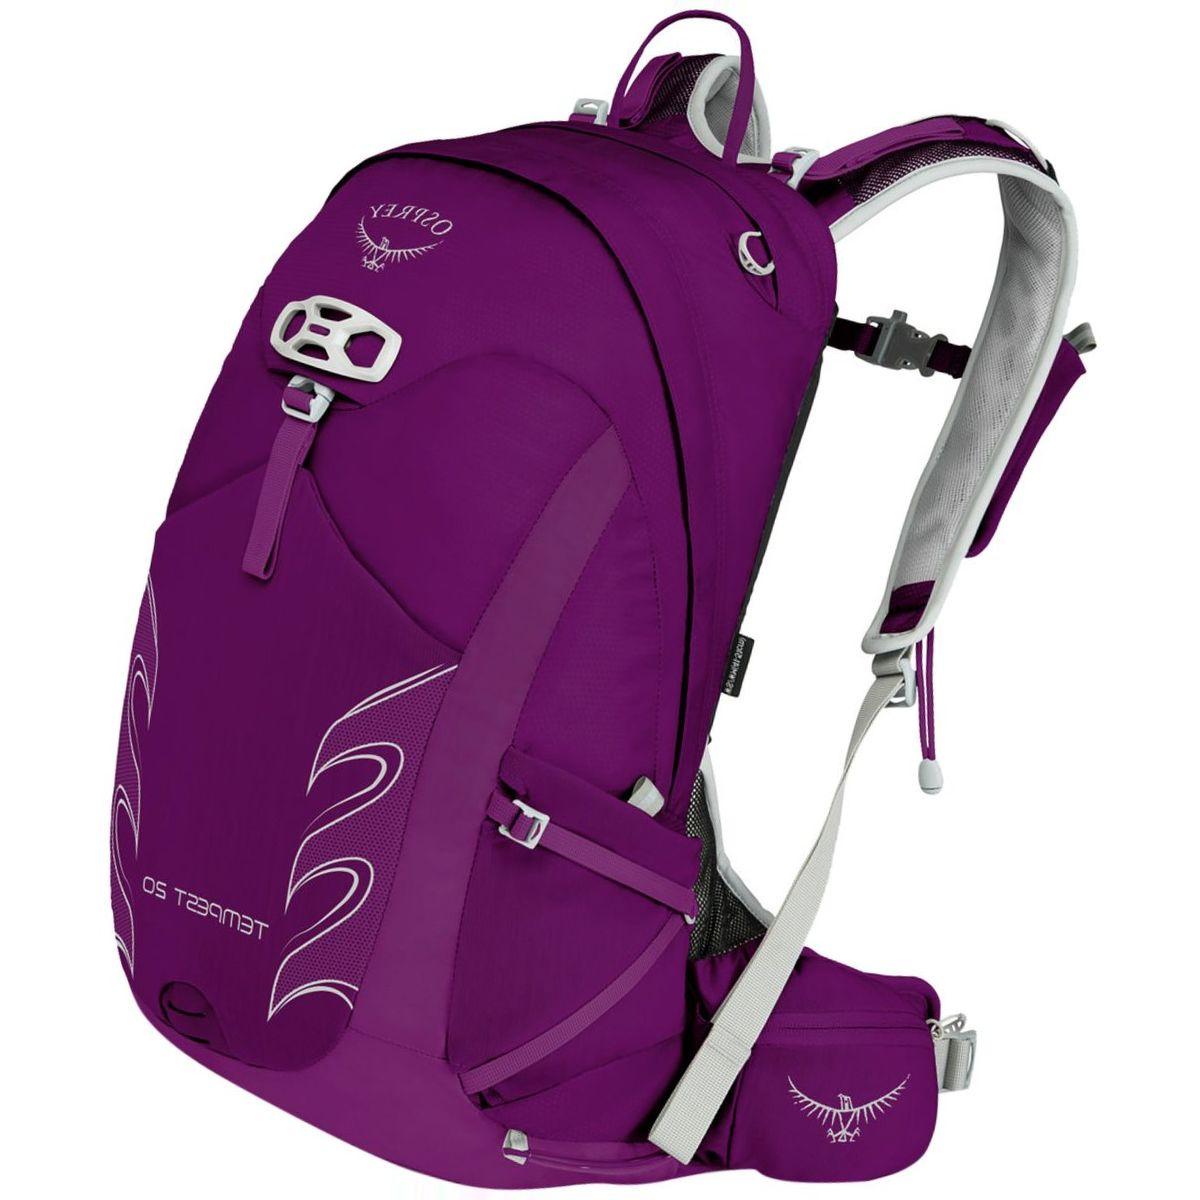 Osprey Packs Tempest 20L Backpack - Women's